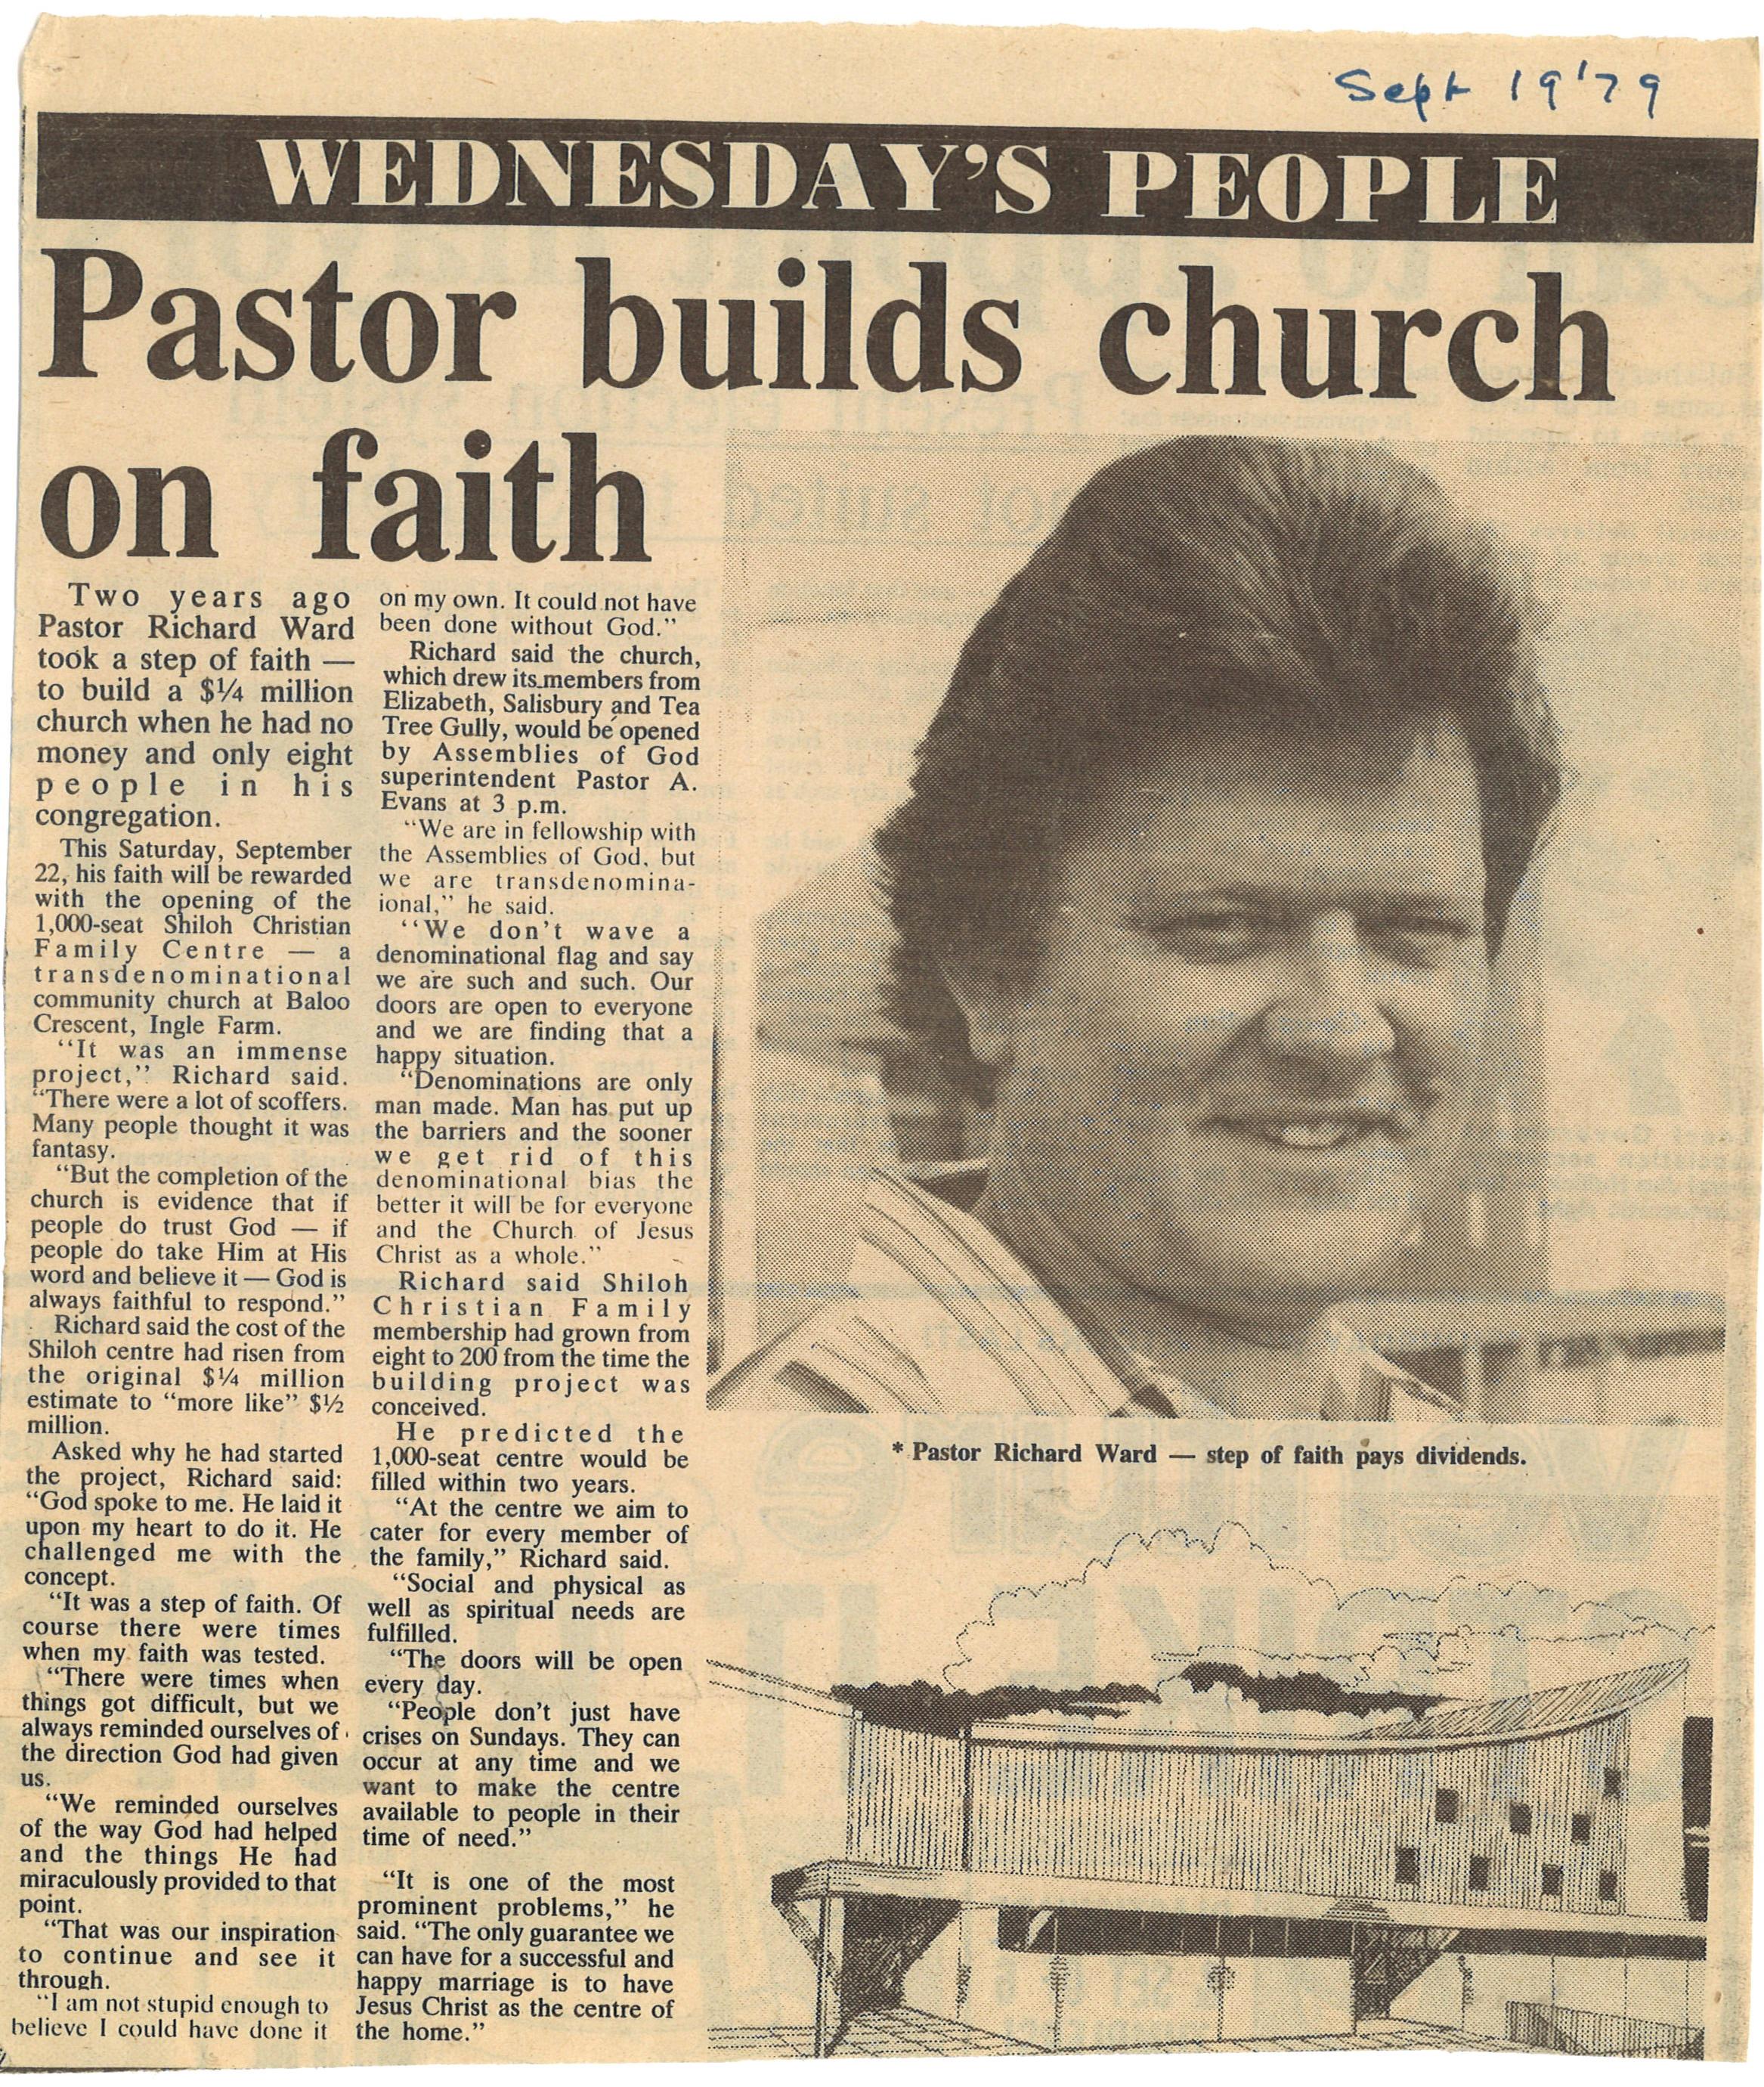 newspaer - builds church on faith.jpg